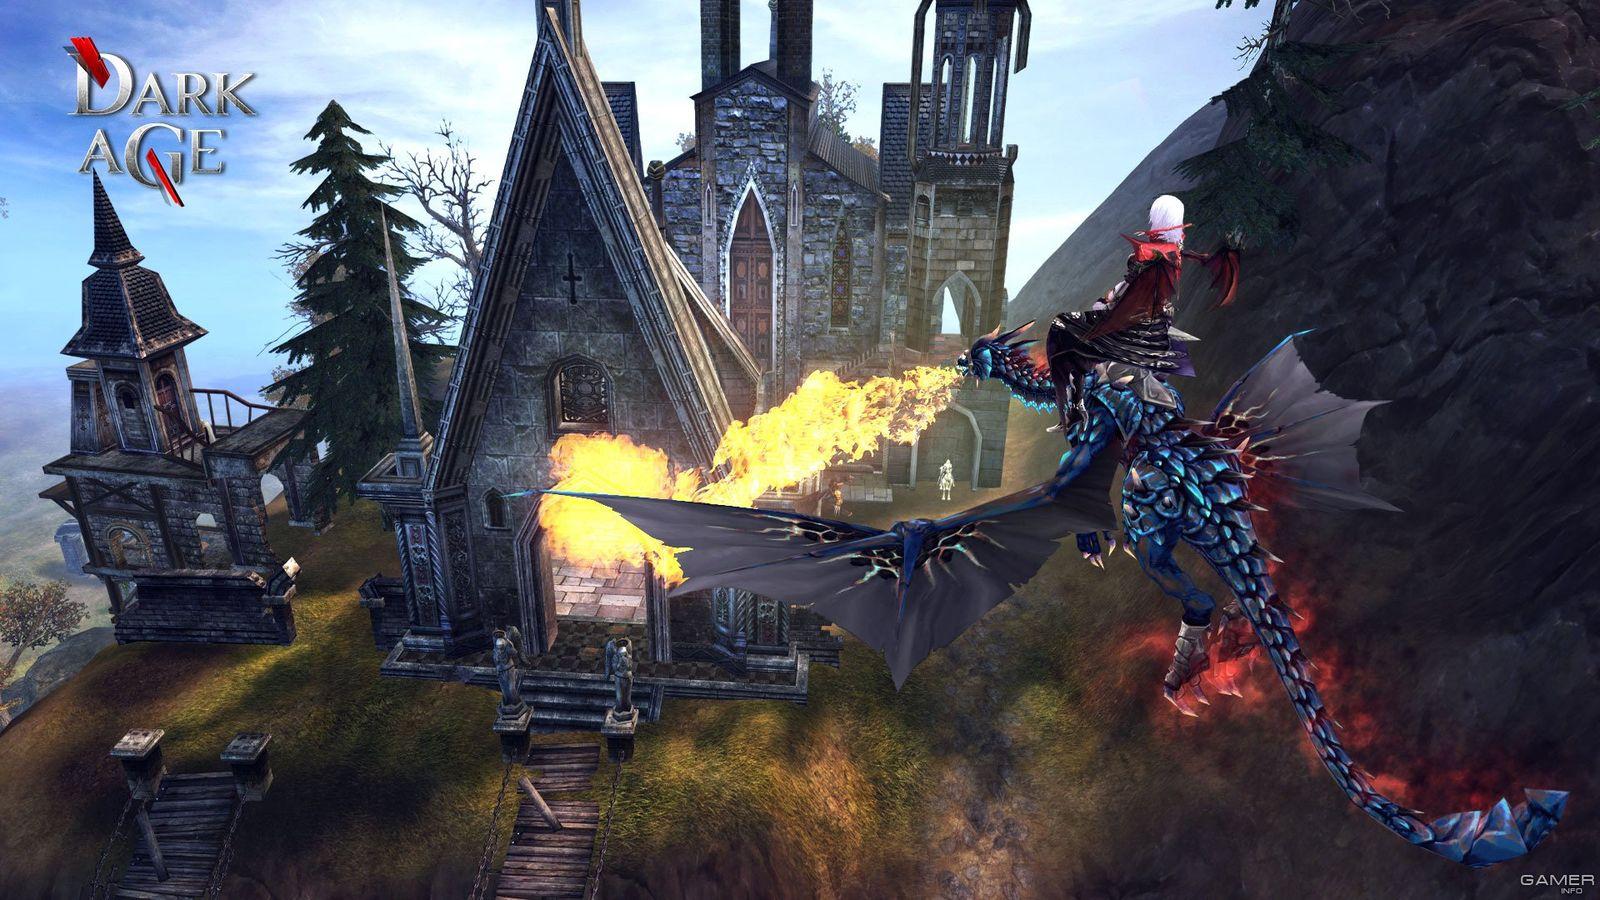 Скачать бесплатно игру dark age на компьютер